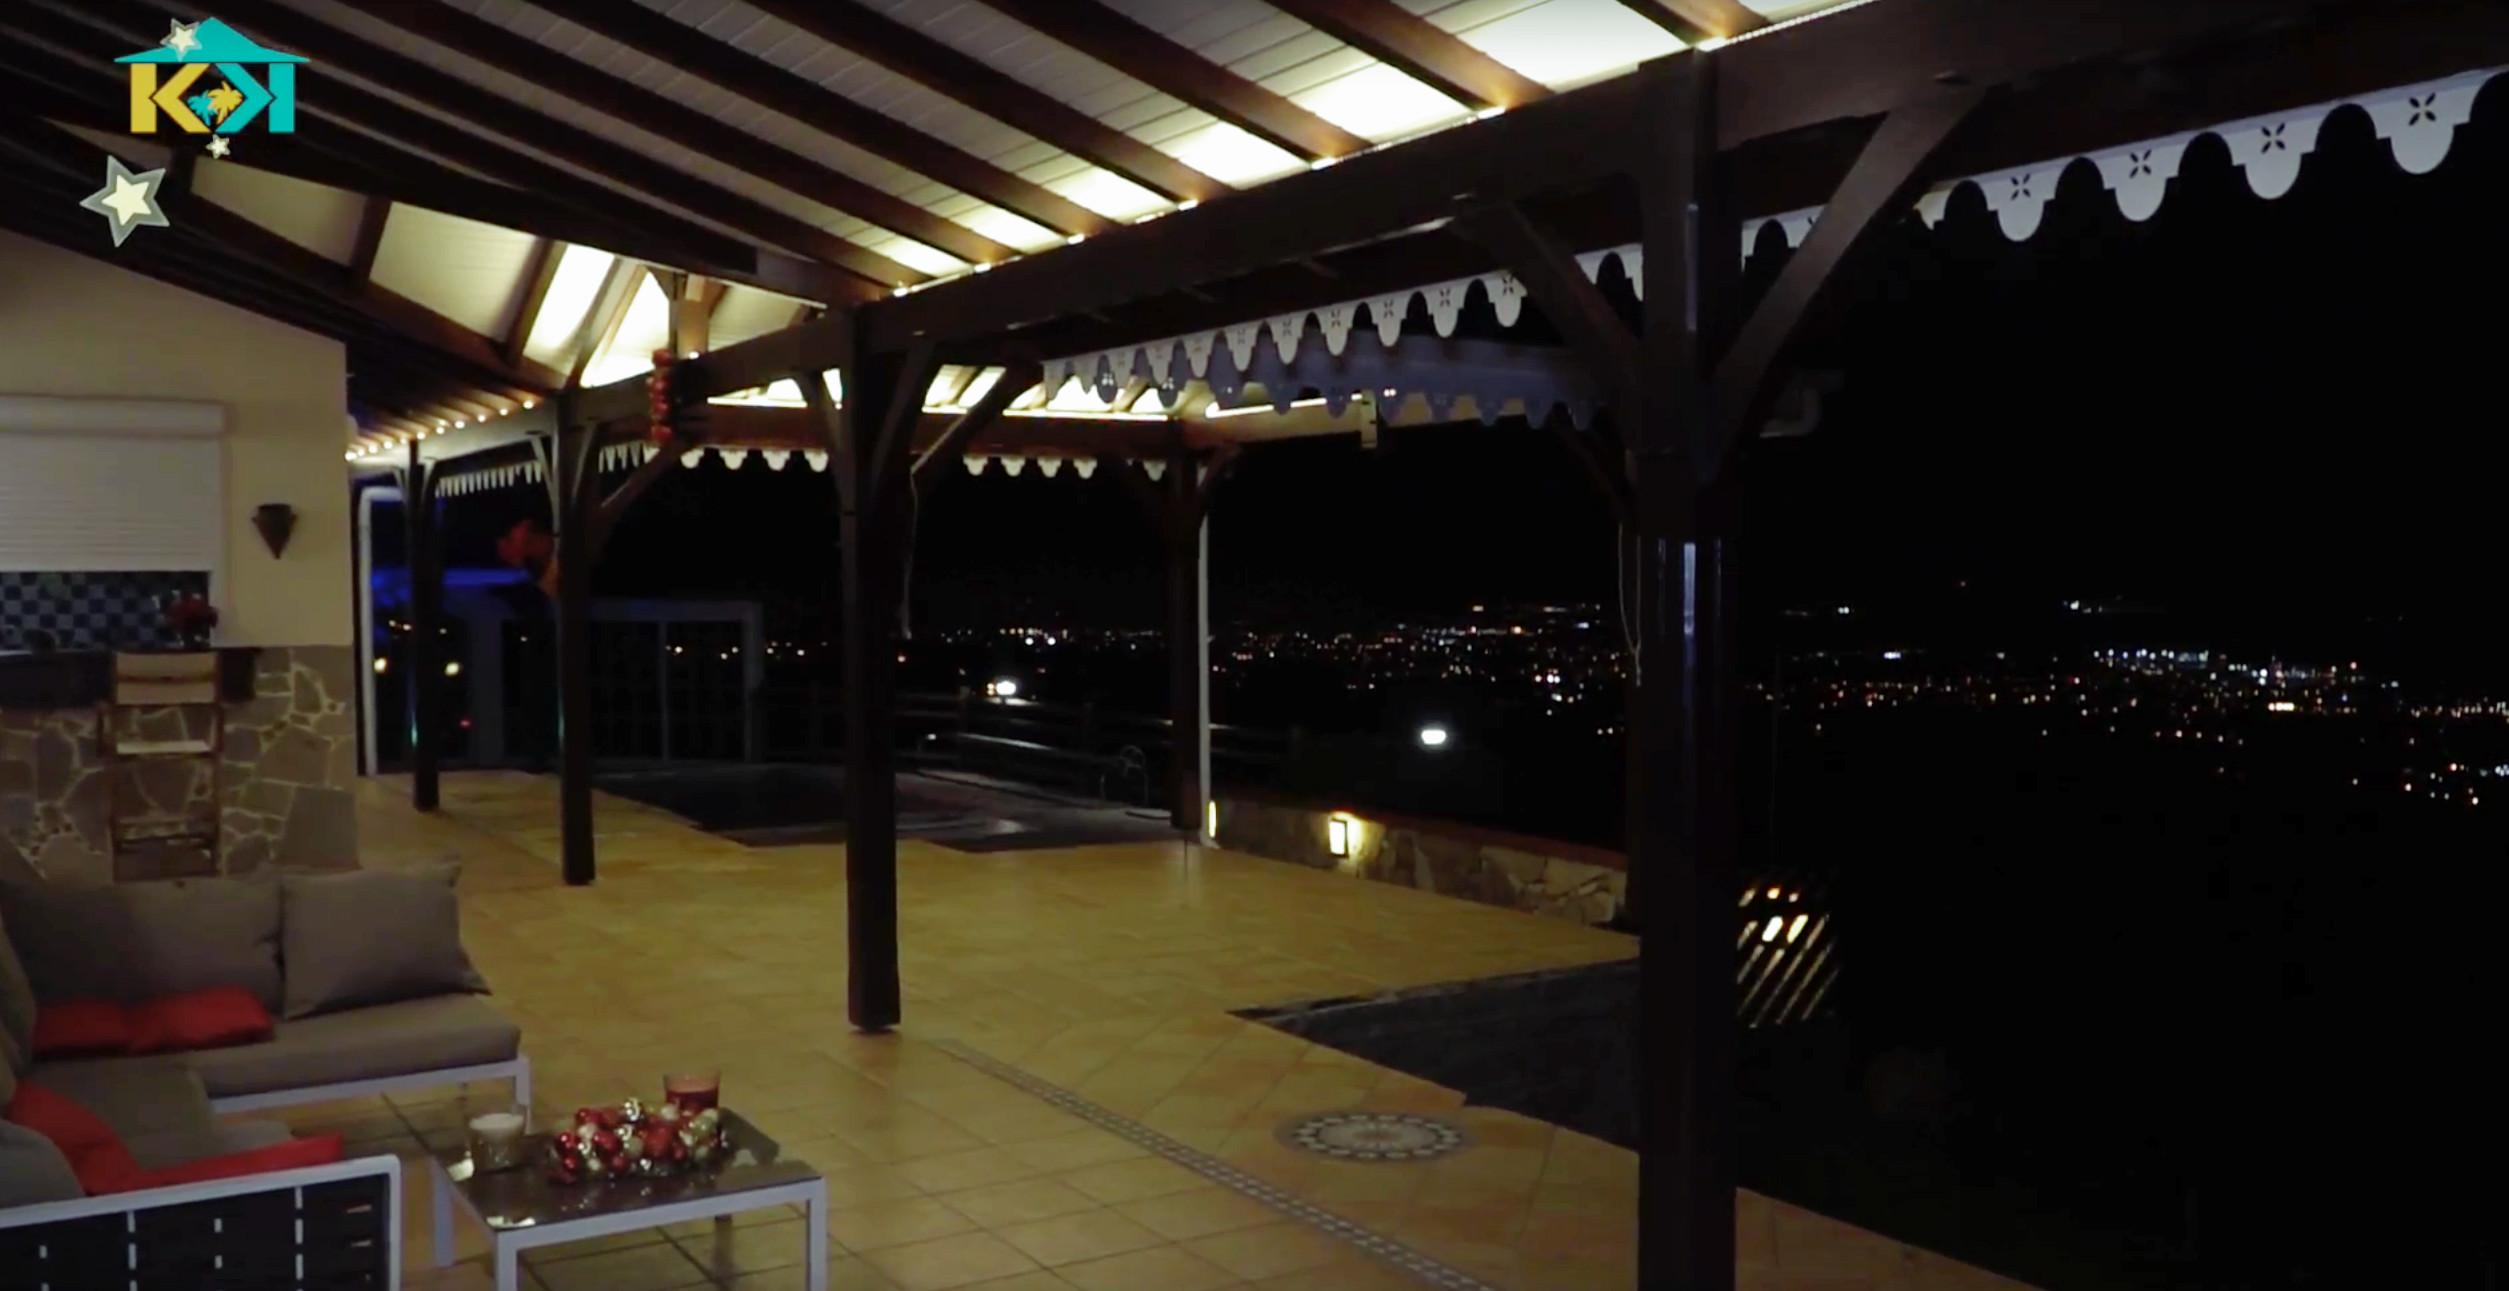 BEL KAY | ILLUMINER SA MAISON AVEC DES LED